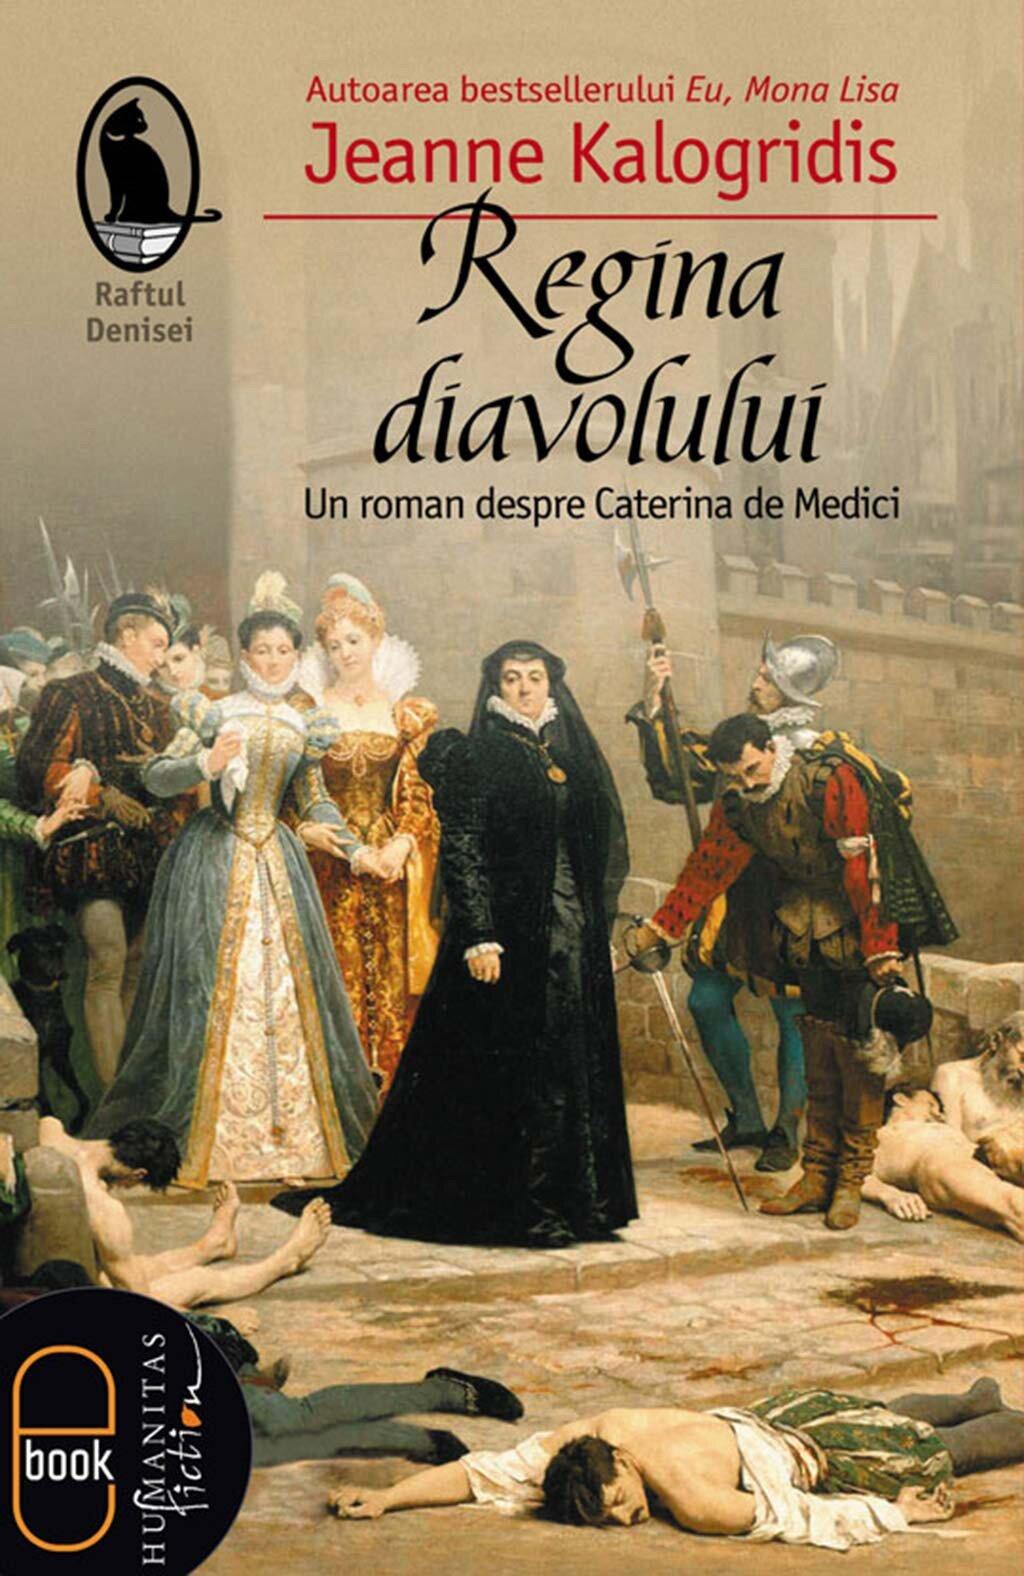 Regina diavolului. Un roman despre Caterina de Medici (eBook)